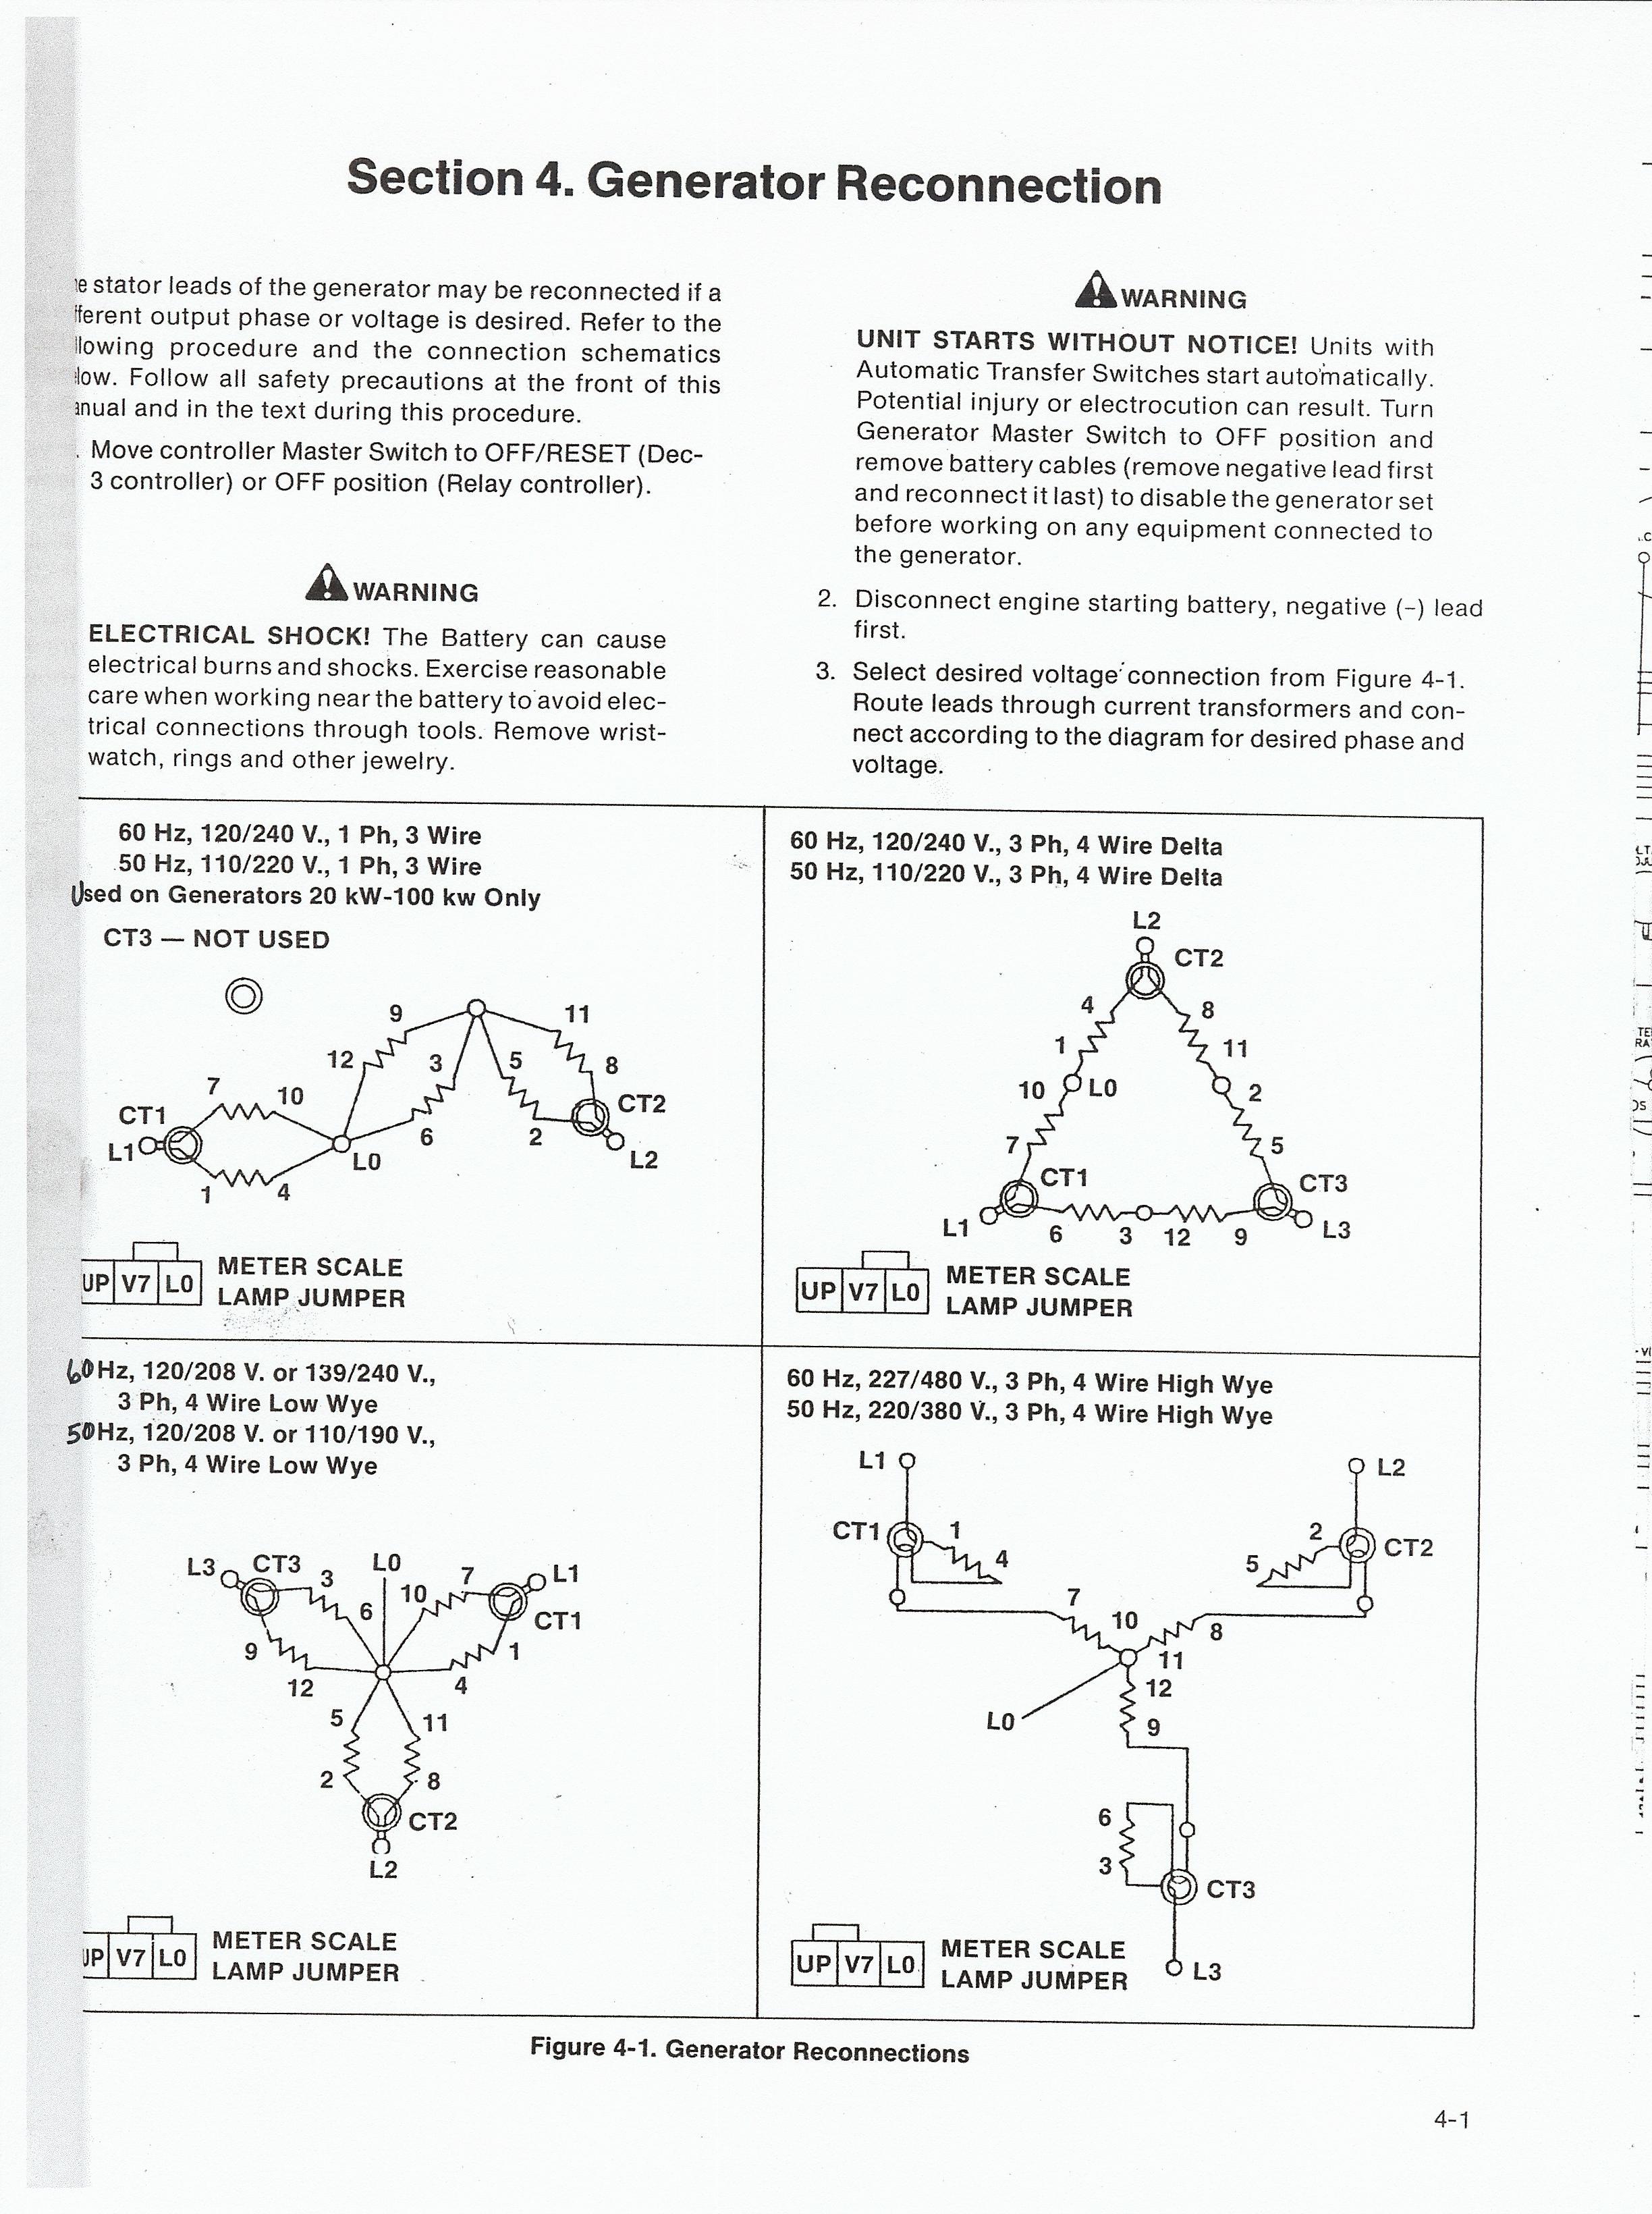 wire volt wiring diagram image wiring diagram 3 wire 220 volt wiring 3 auto wiring diagram schematic on 3 wire 220 volt wiring